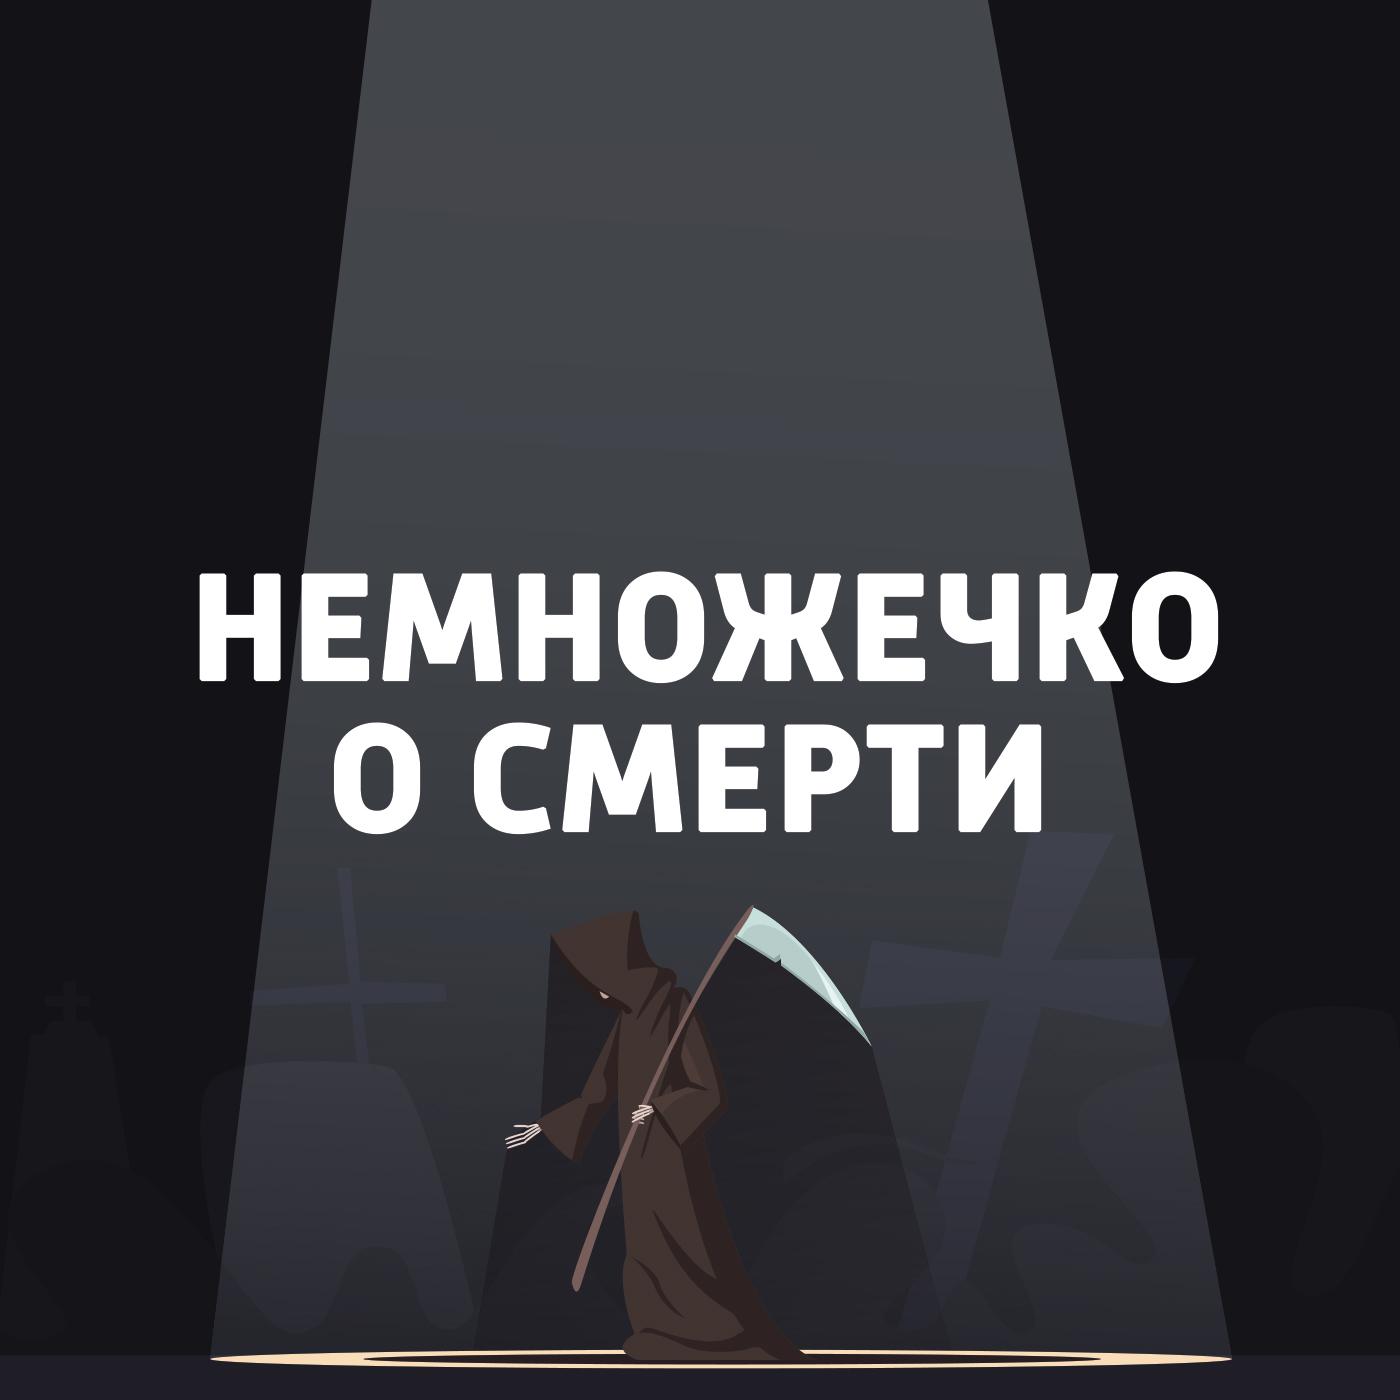 Спортсмены: Джереми Бренно, Рэй Чепмен и Сергей Перхун фото